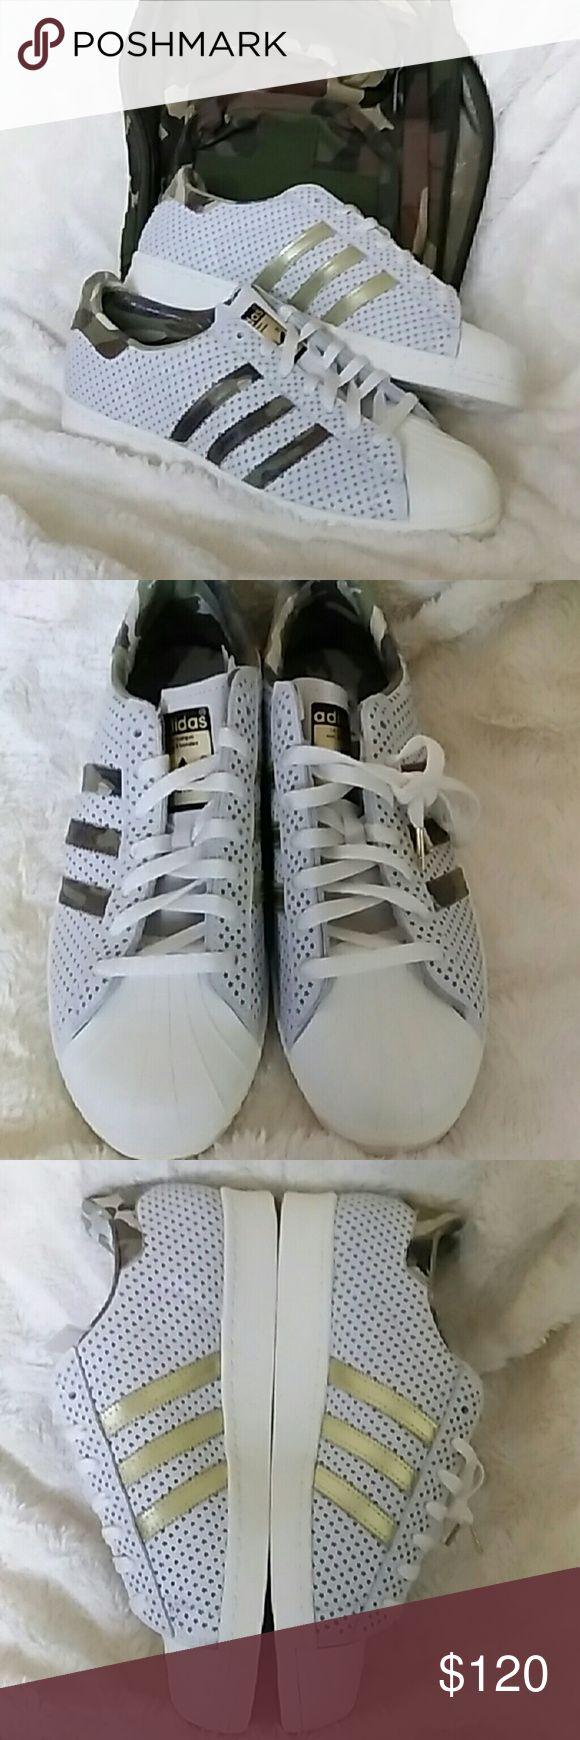 adidas sneakers dentelle,destockage adidas sneakers dentelle